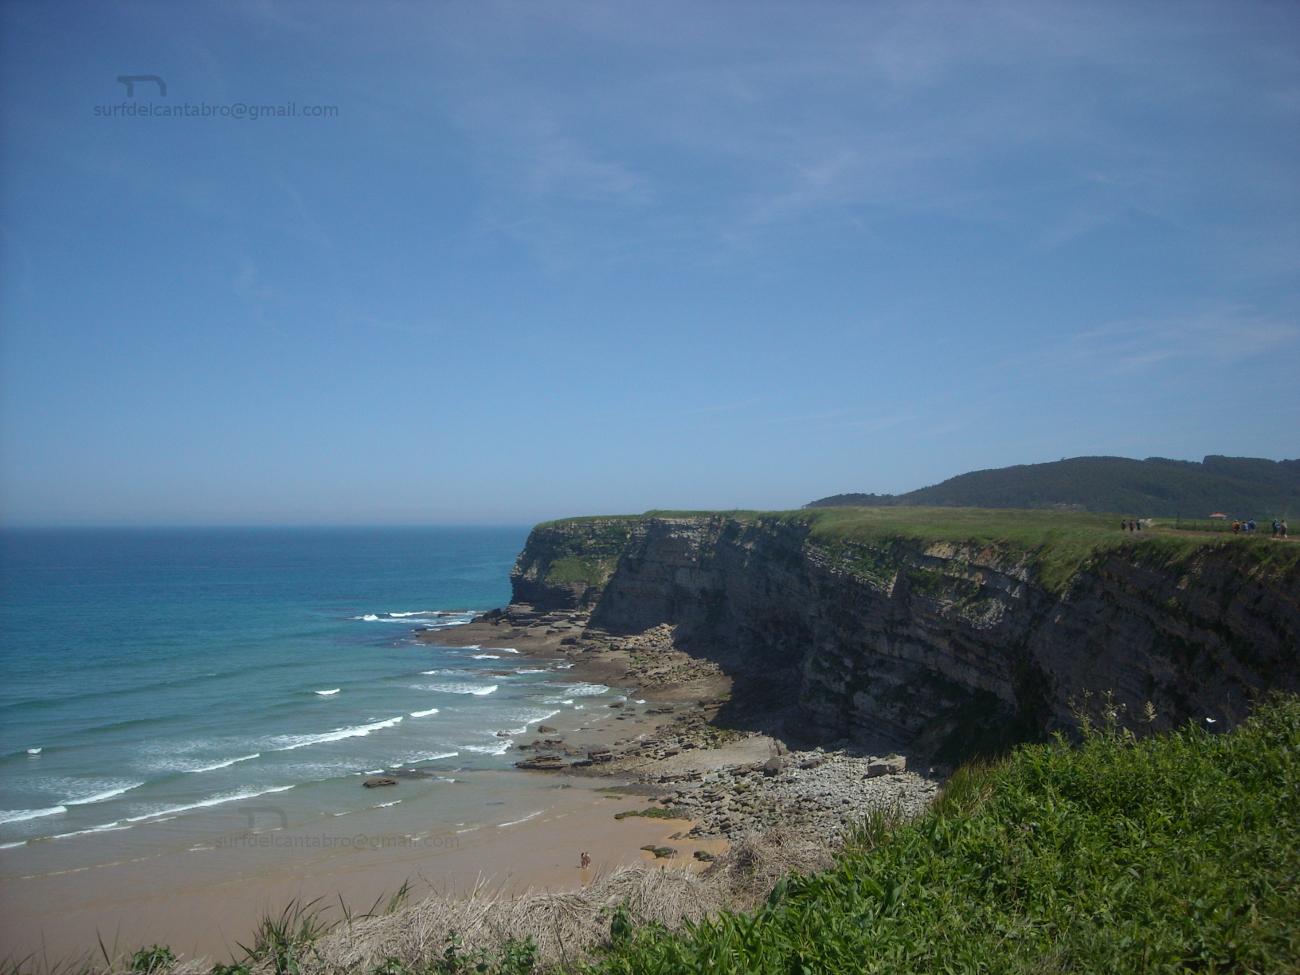 cliffs & shore